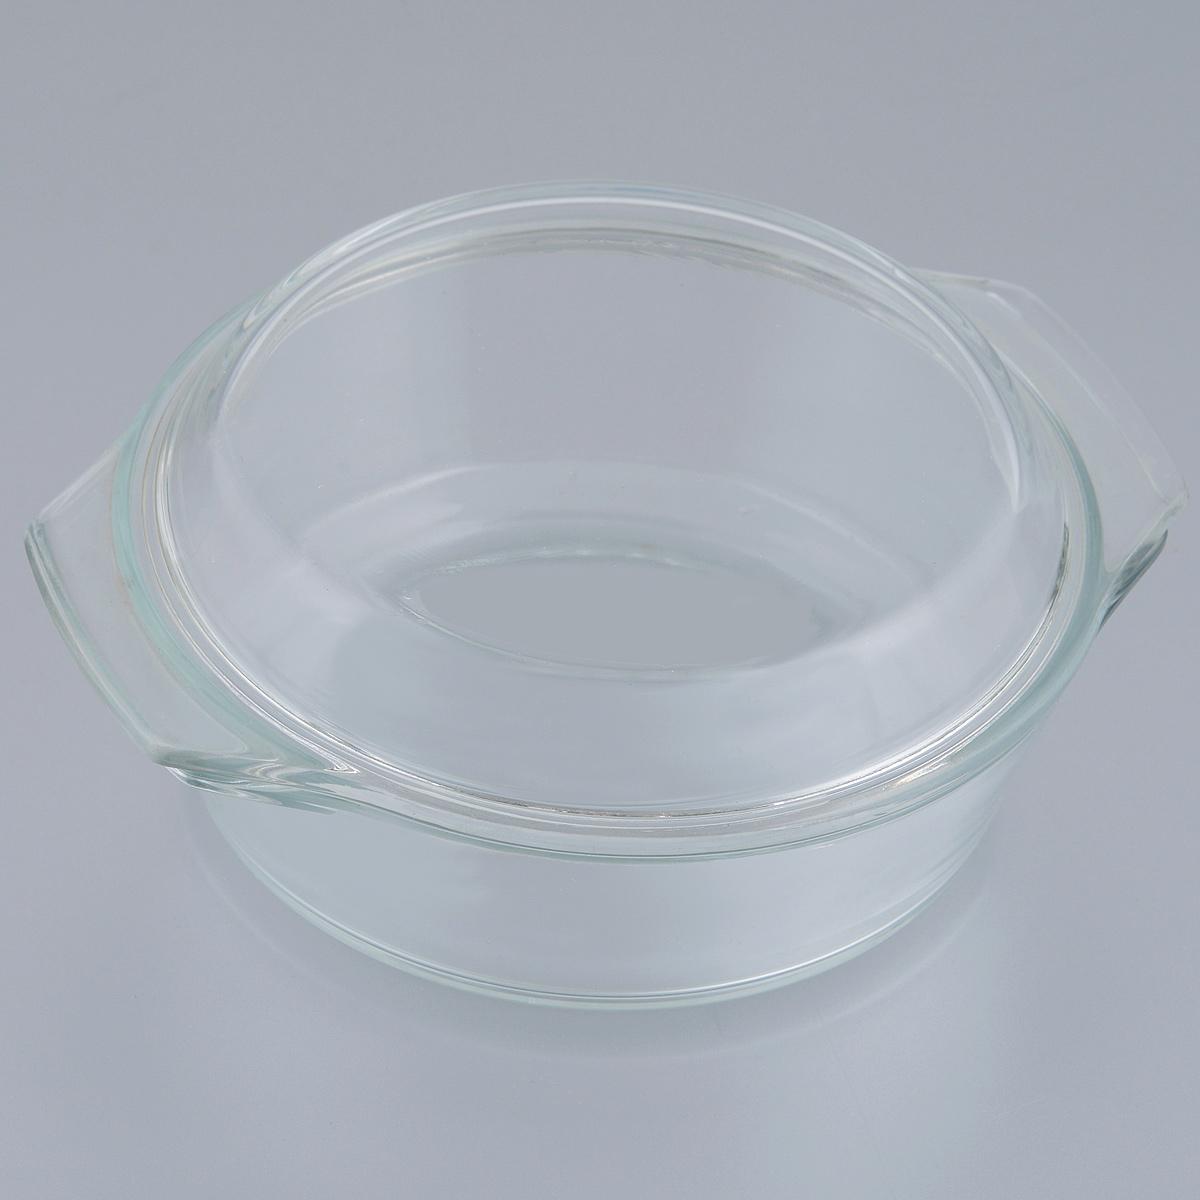 Кастрюля Appetite с крышкой, 0,7 л68/5/3Кастрюля Appetite изготовлена из экологически чистого жаропрочного стекла и оснащена крышкой, которую также можно использовать как отдельную емкость. Стекло - самый безопасный для здоровья материал. Посуда из стекла не вступает в реакцию с готовящейся пищей, а потому не выделяет никаких вредных веществ, не подвергается воздействию кислот и солей. Из-за невысокой теплопроводности пища в стеклянной посуде гораздо медленнее остывает. Стеклянная посуда очень удобна для приготовления, разогрева и хранения самых разнообразных блюд: супов, вторых блюд, десертов. Используя такую кастрюлю, вы можете не только приготовить в ней пищу, но и подать ее к столу, не меняя посуды. Благодаря гладкой идеально ровной поверхности посуда легко моется. Допускается нагрев посуды до 250°С.Можно использовать в микроволновой печи, духовом шкафу. Можно использовать для хранения в холодильнике и морозильной камере. Можно мыть в посудомоечной машине. Высота стенок кастрюли: 5,5 см. Высота кастрюли (с учетом крышки): 7,7 см. Ширина кастрюли (с учетом ручек): 17,7 см. Толщина стенок: 5 мм.Толщина дна: 5 мм.